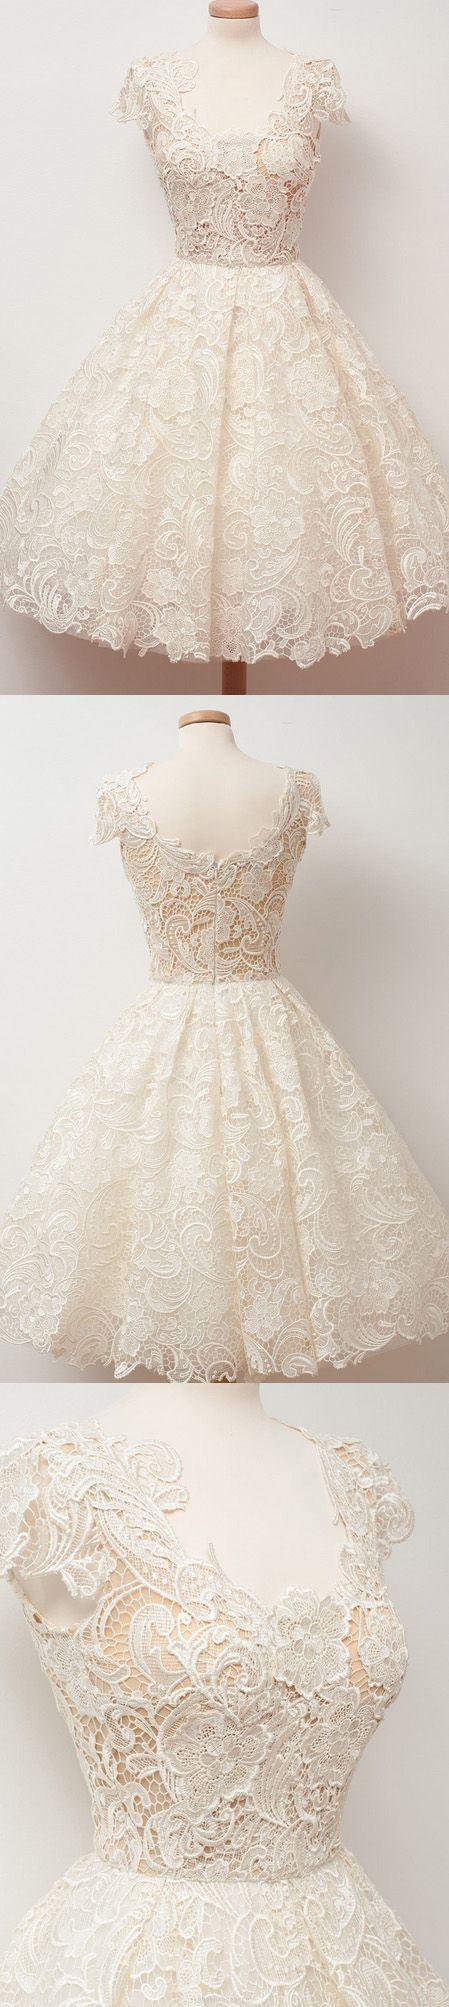 Princess homecoming dresses ivory alineprincess prom dresses